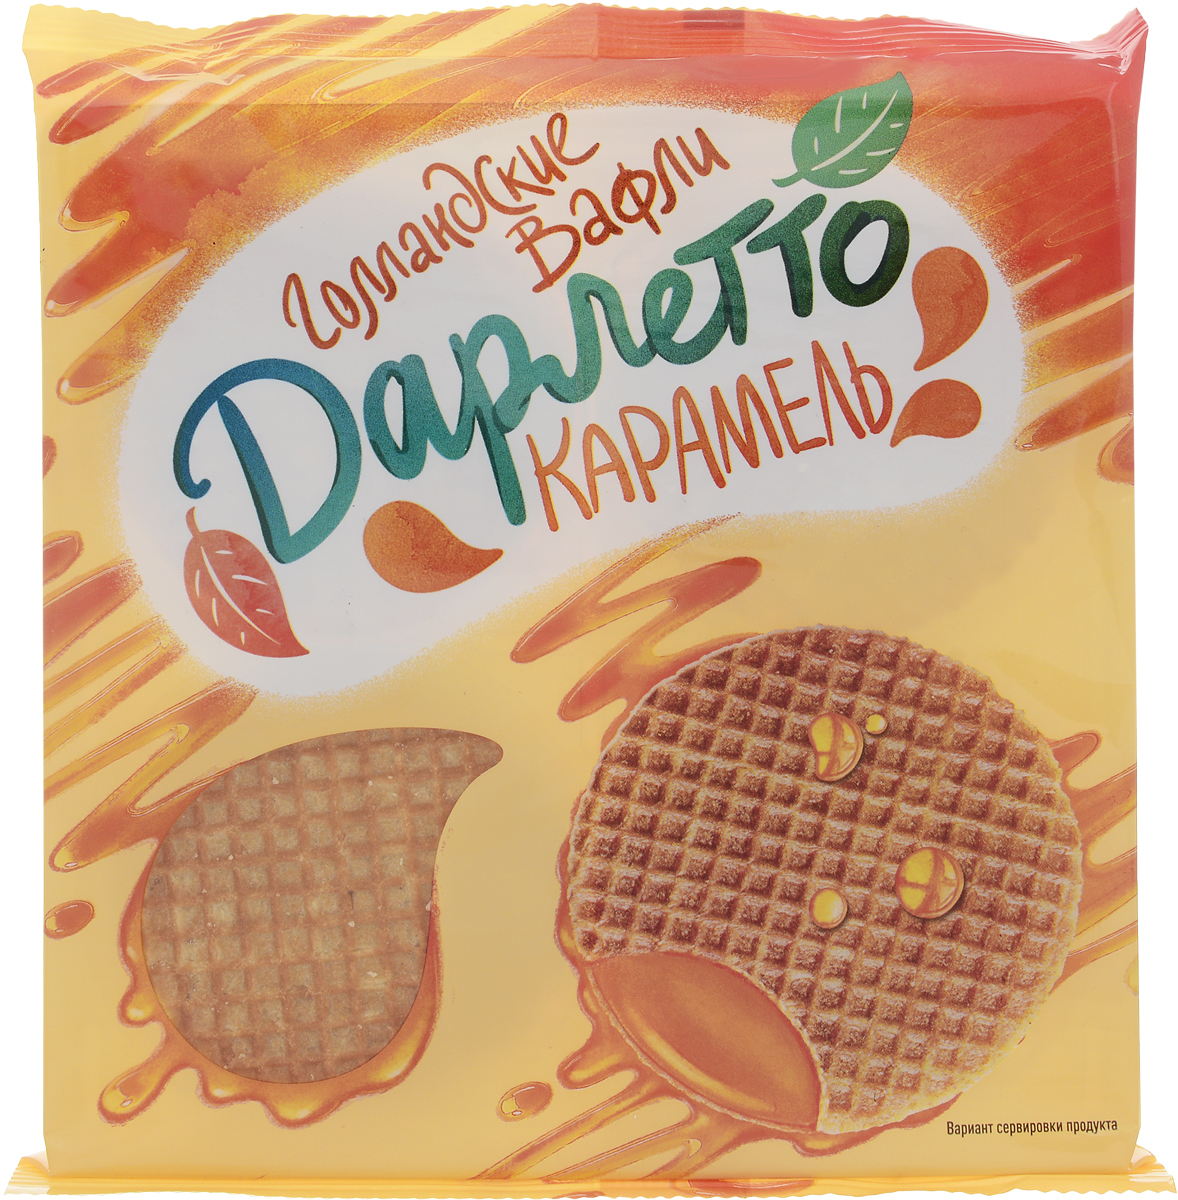 Дарлетто Голландские вафли с карамелью, 200 г